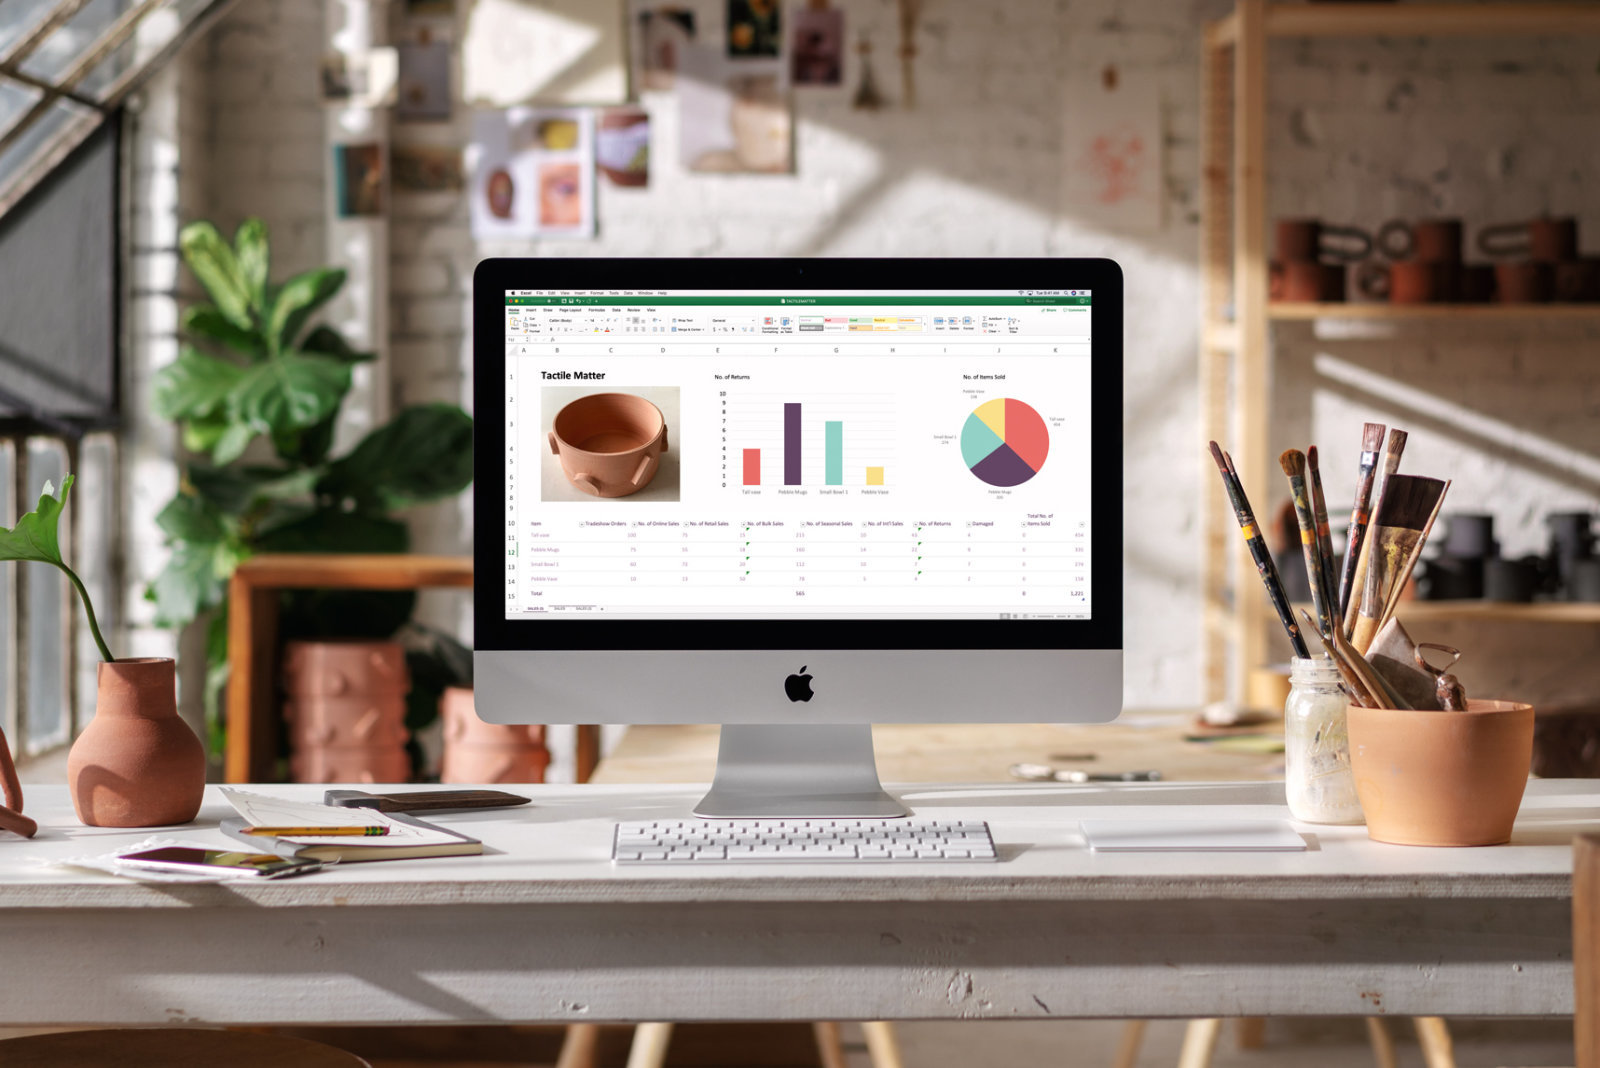 Apple annuncia i nuovi iMac 2019, anche con CPU Intel Core i9